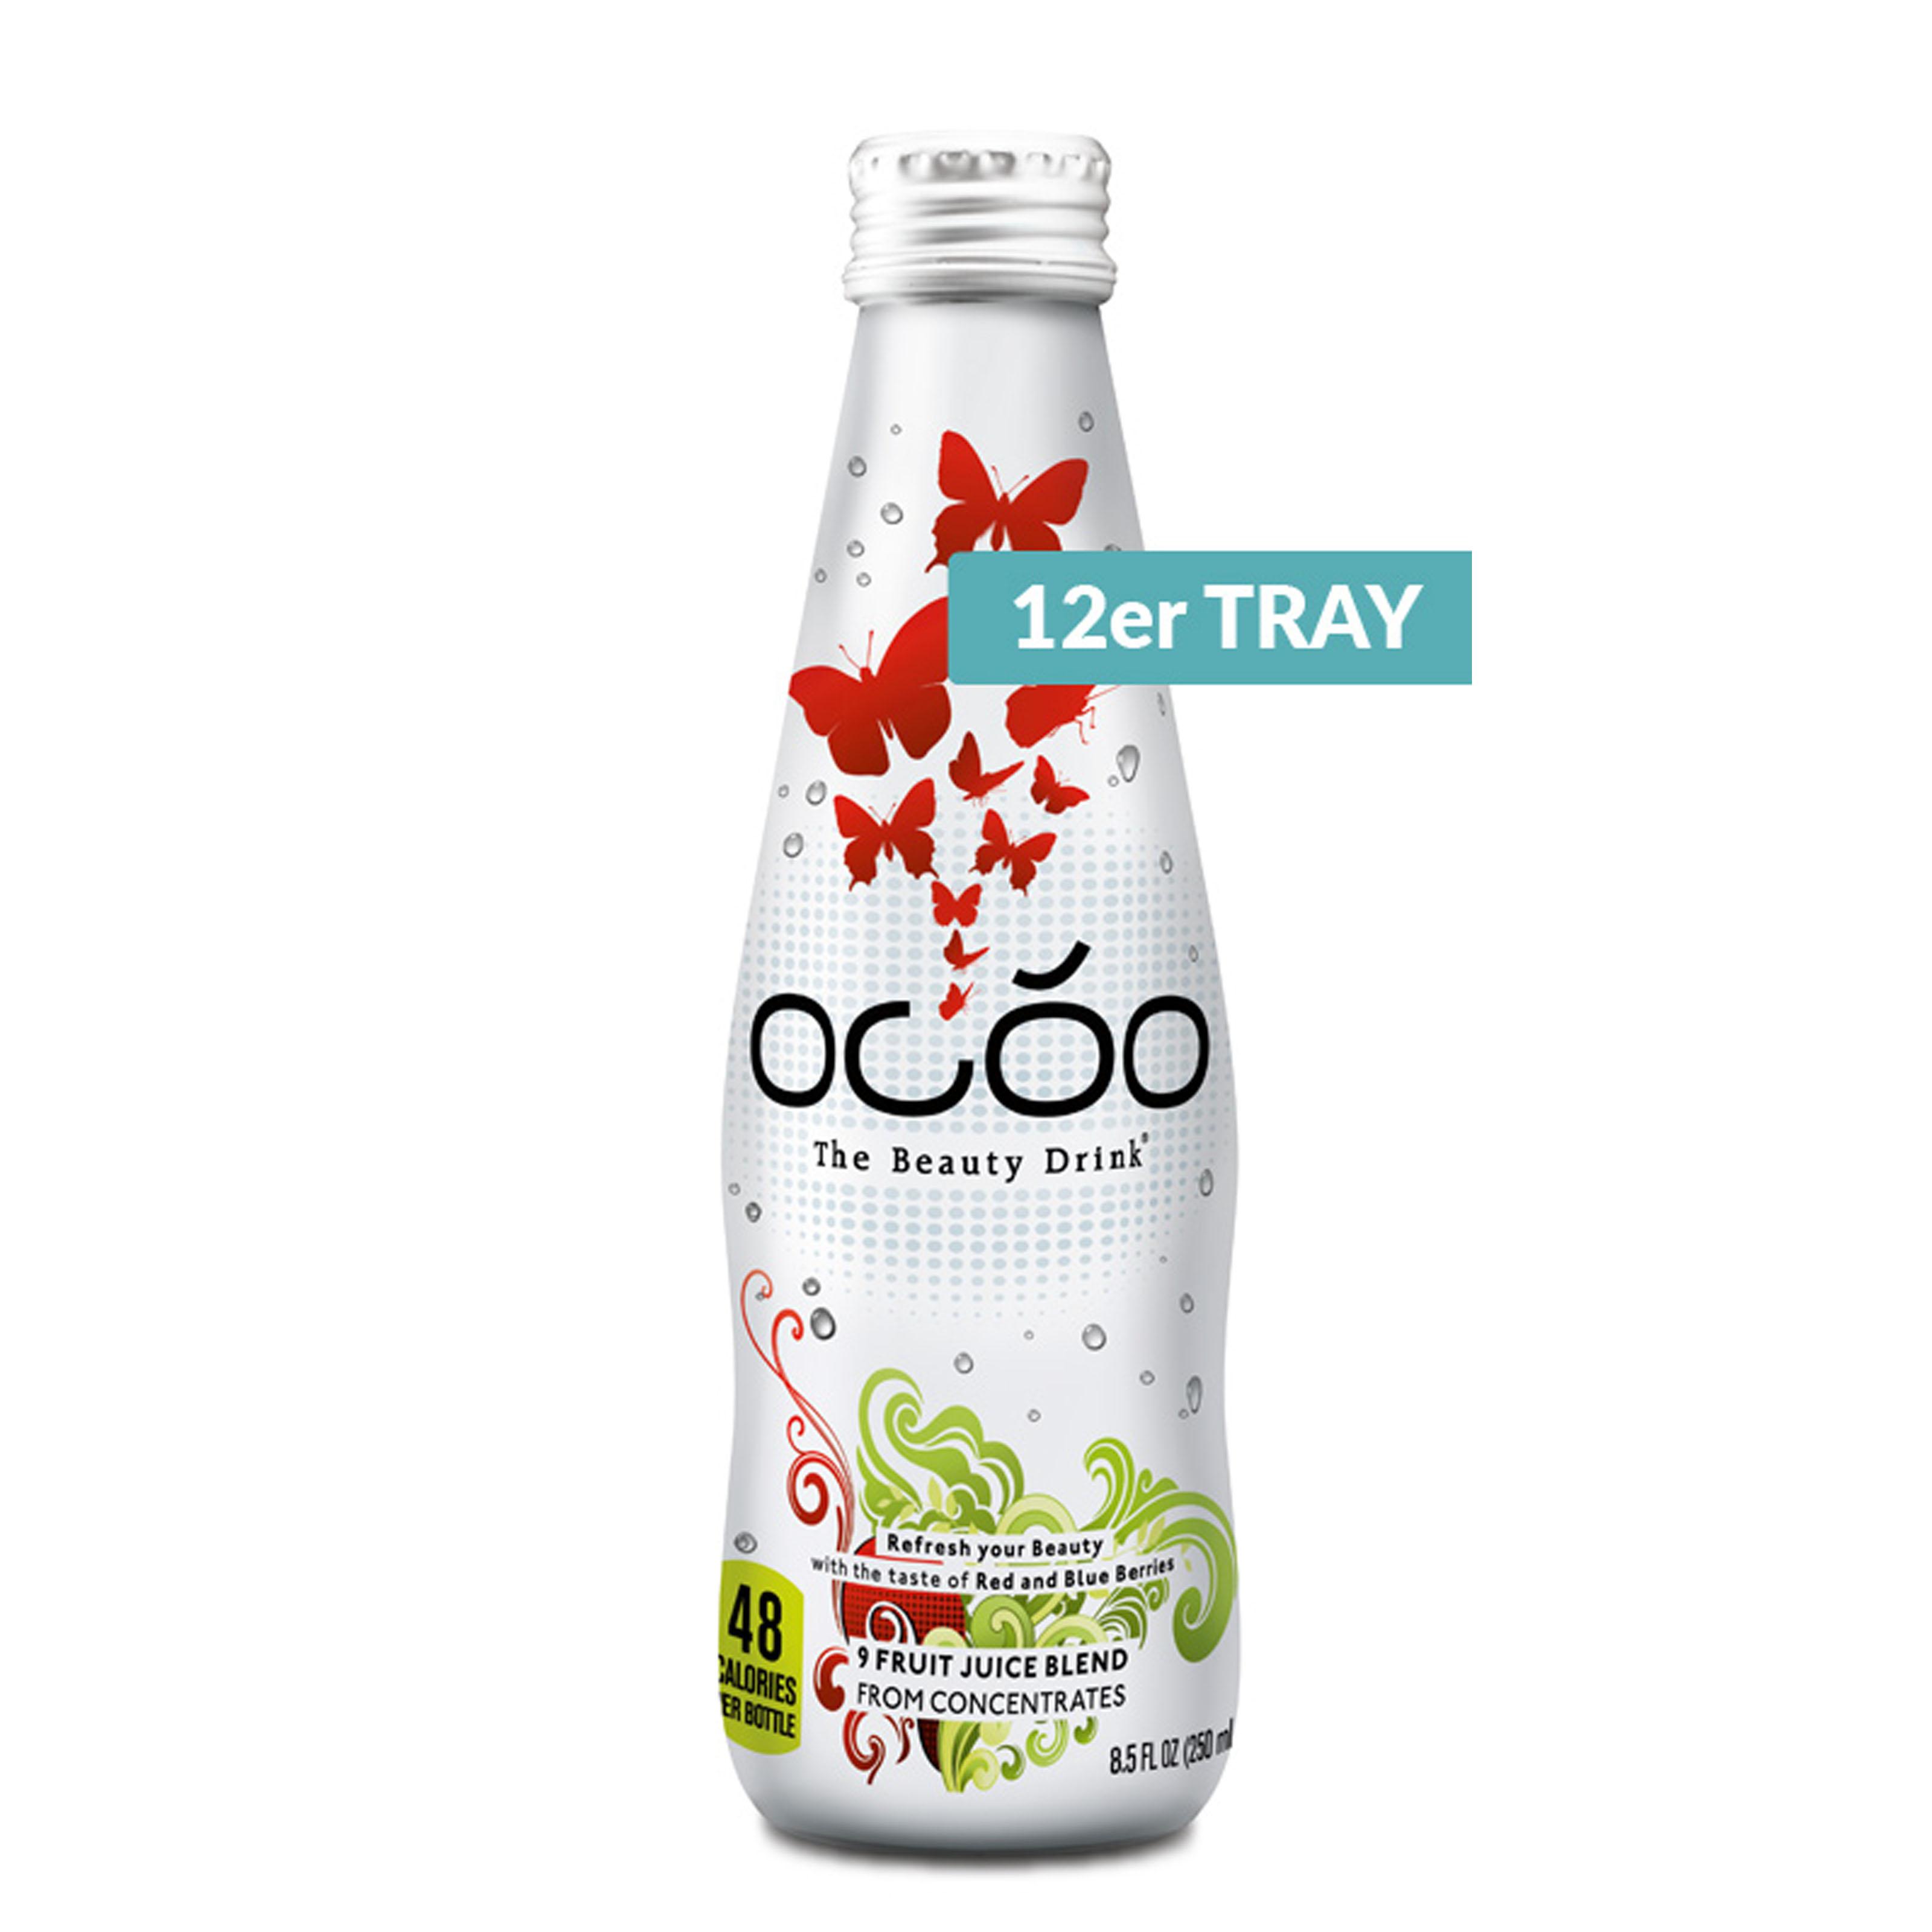 OCÓO BEAUTY DRINK 12ER